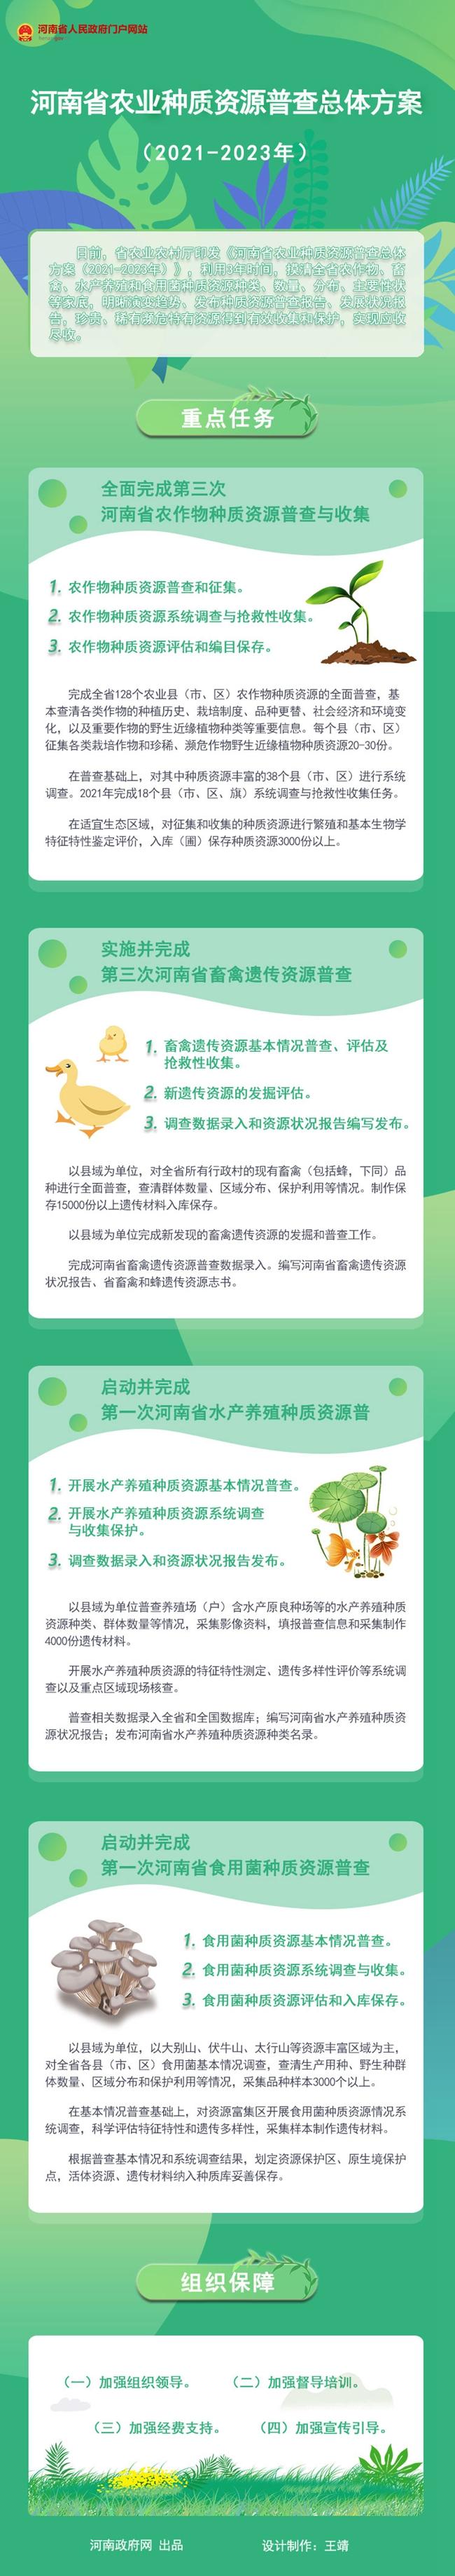 图解:河南省印发农业种质资源普查总体方案